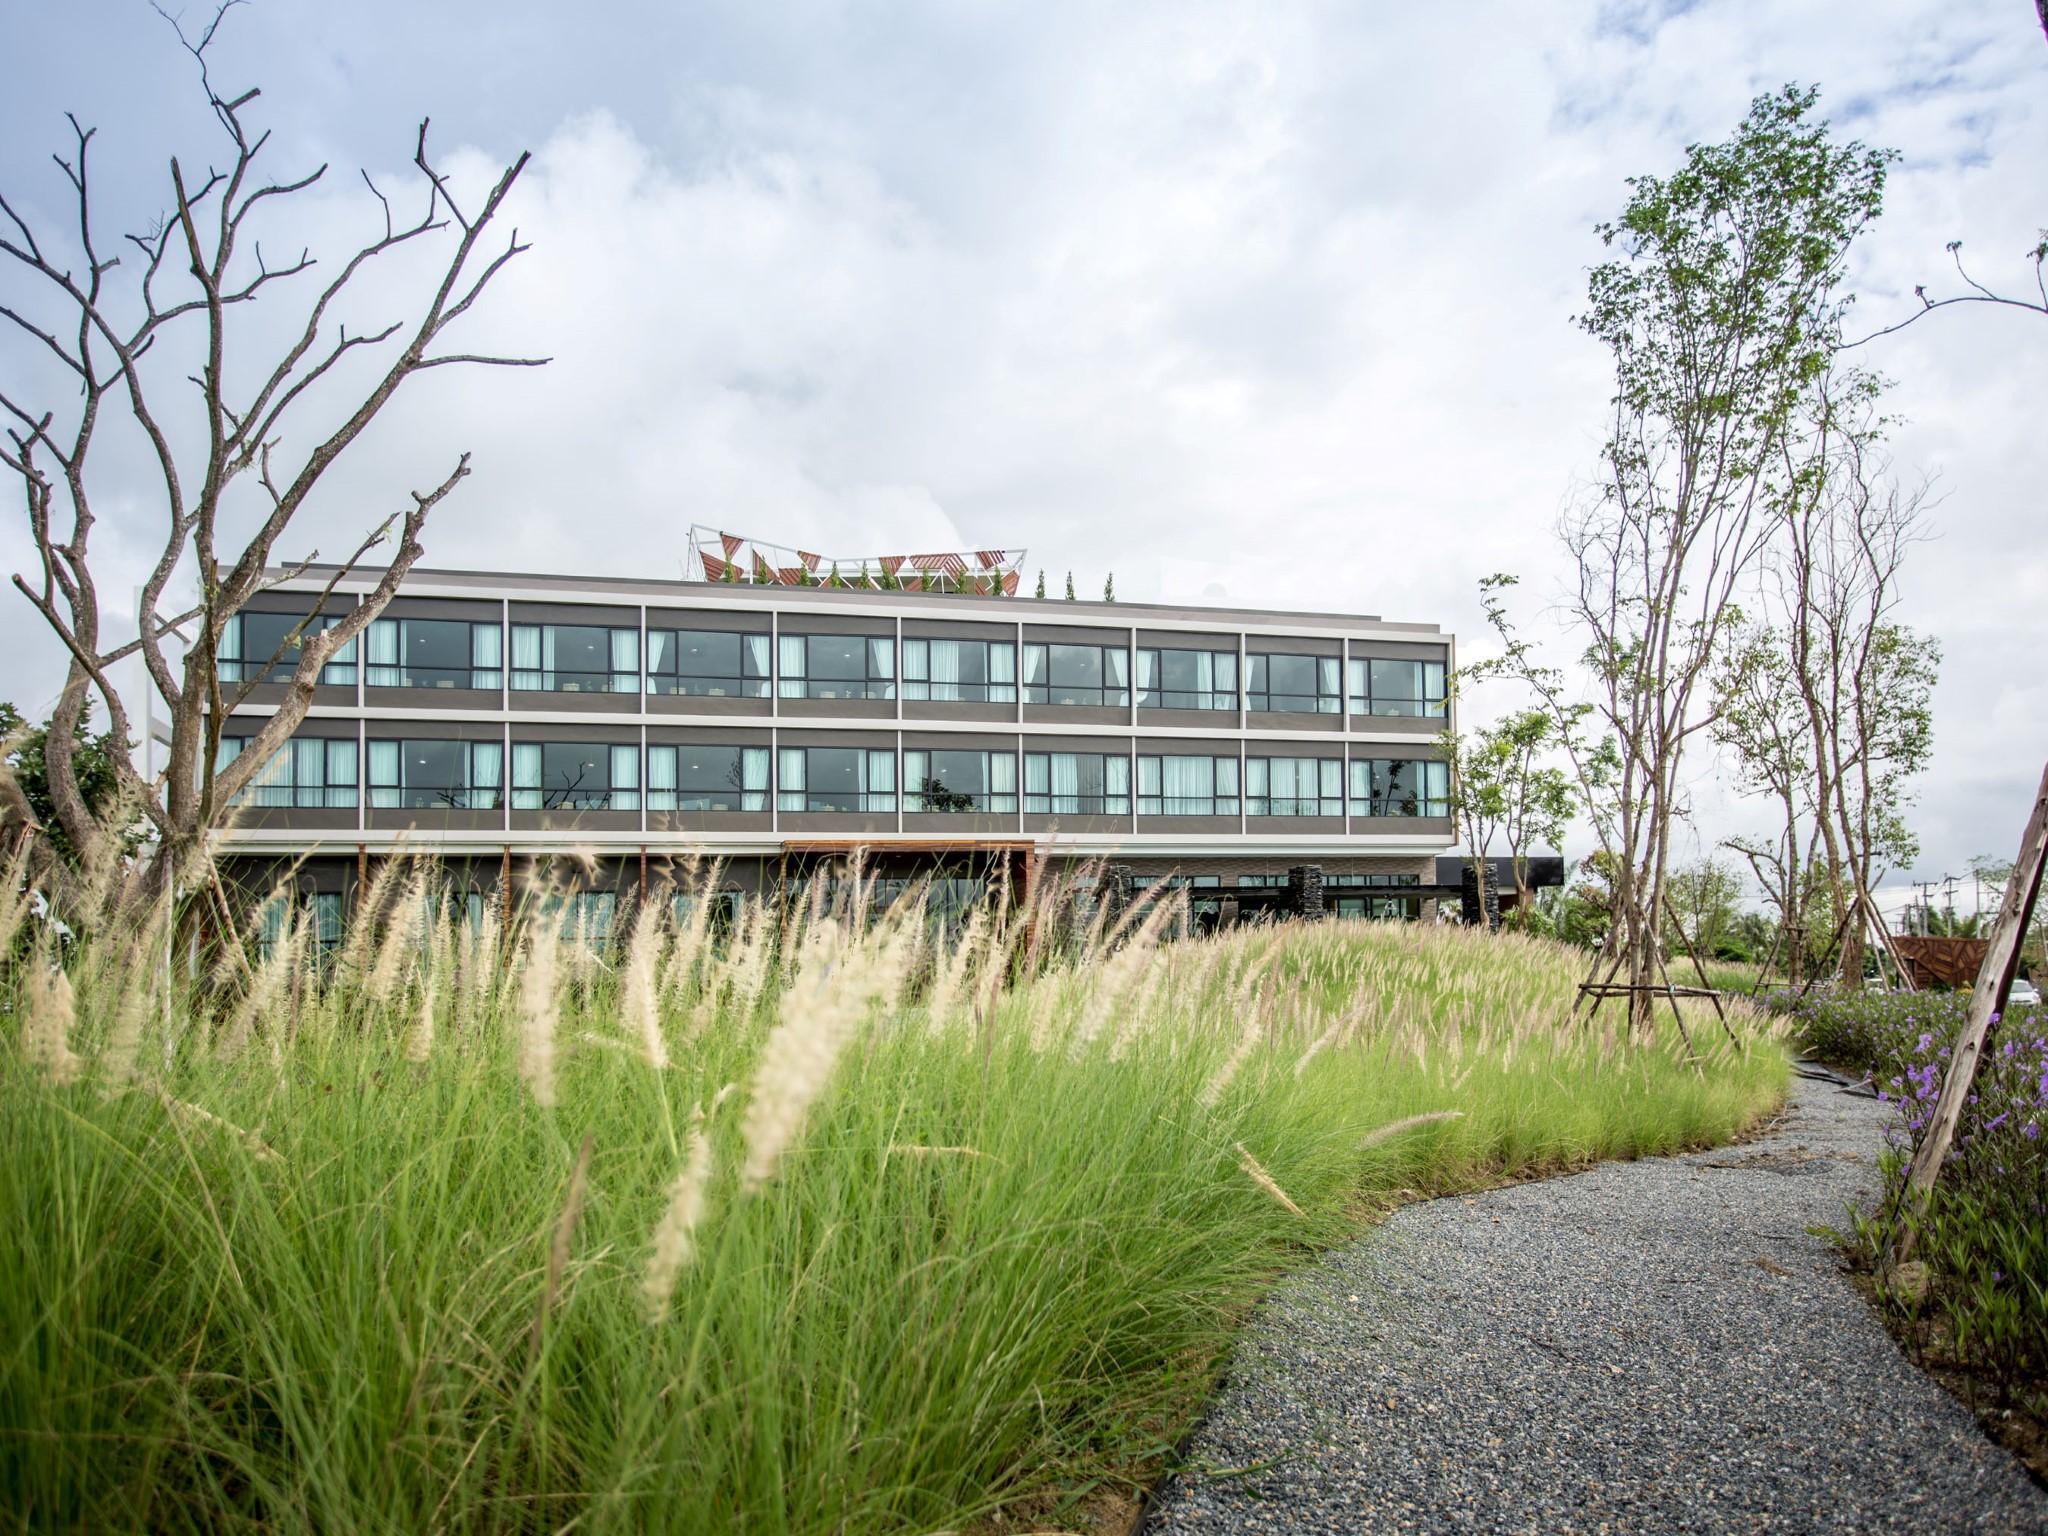 North Hill City Resort,นอร์ท ฮิลล์ ซิตี้ รีสอร์ต